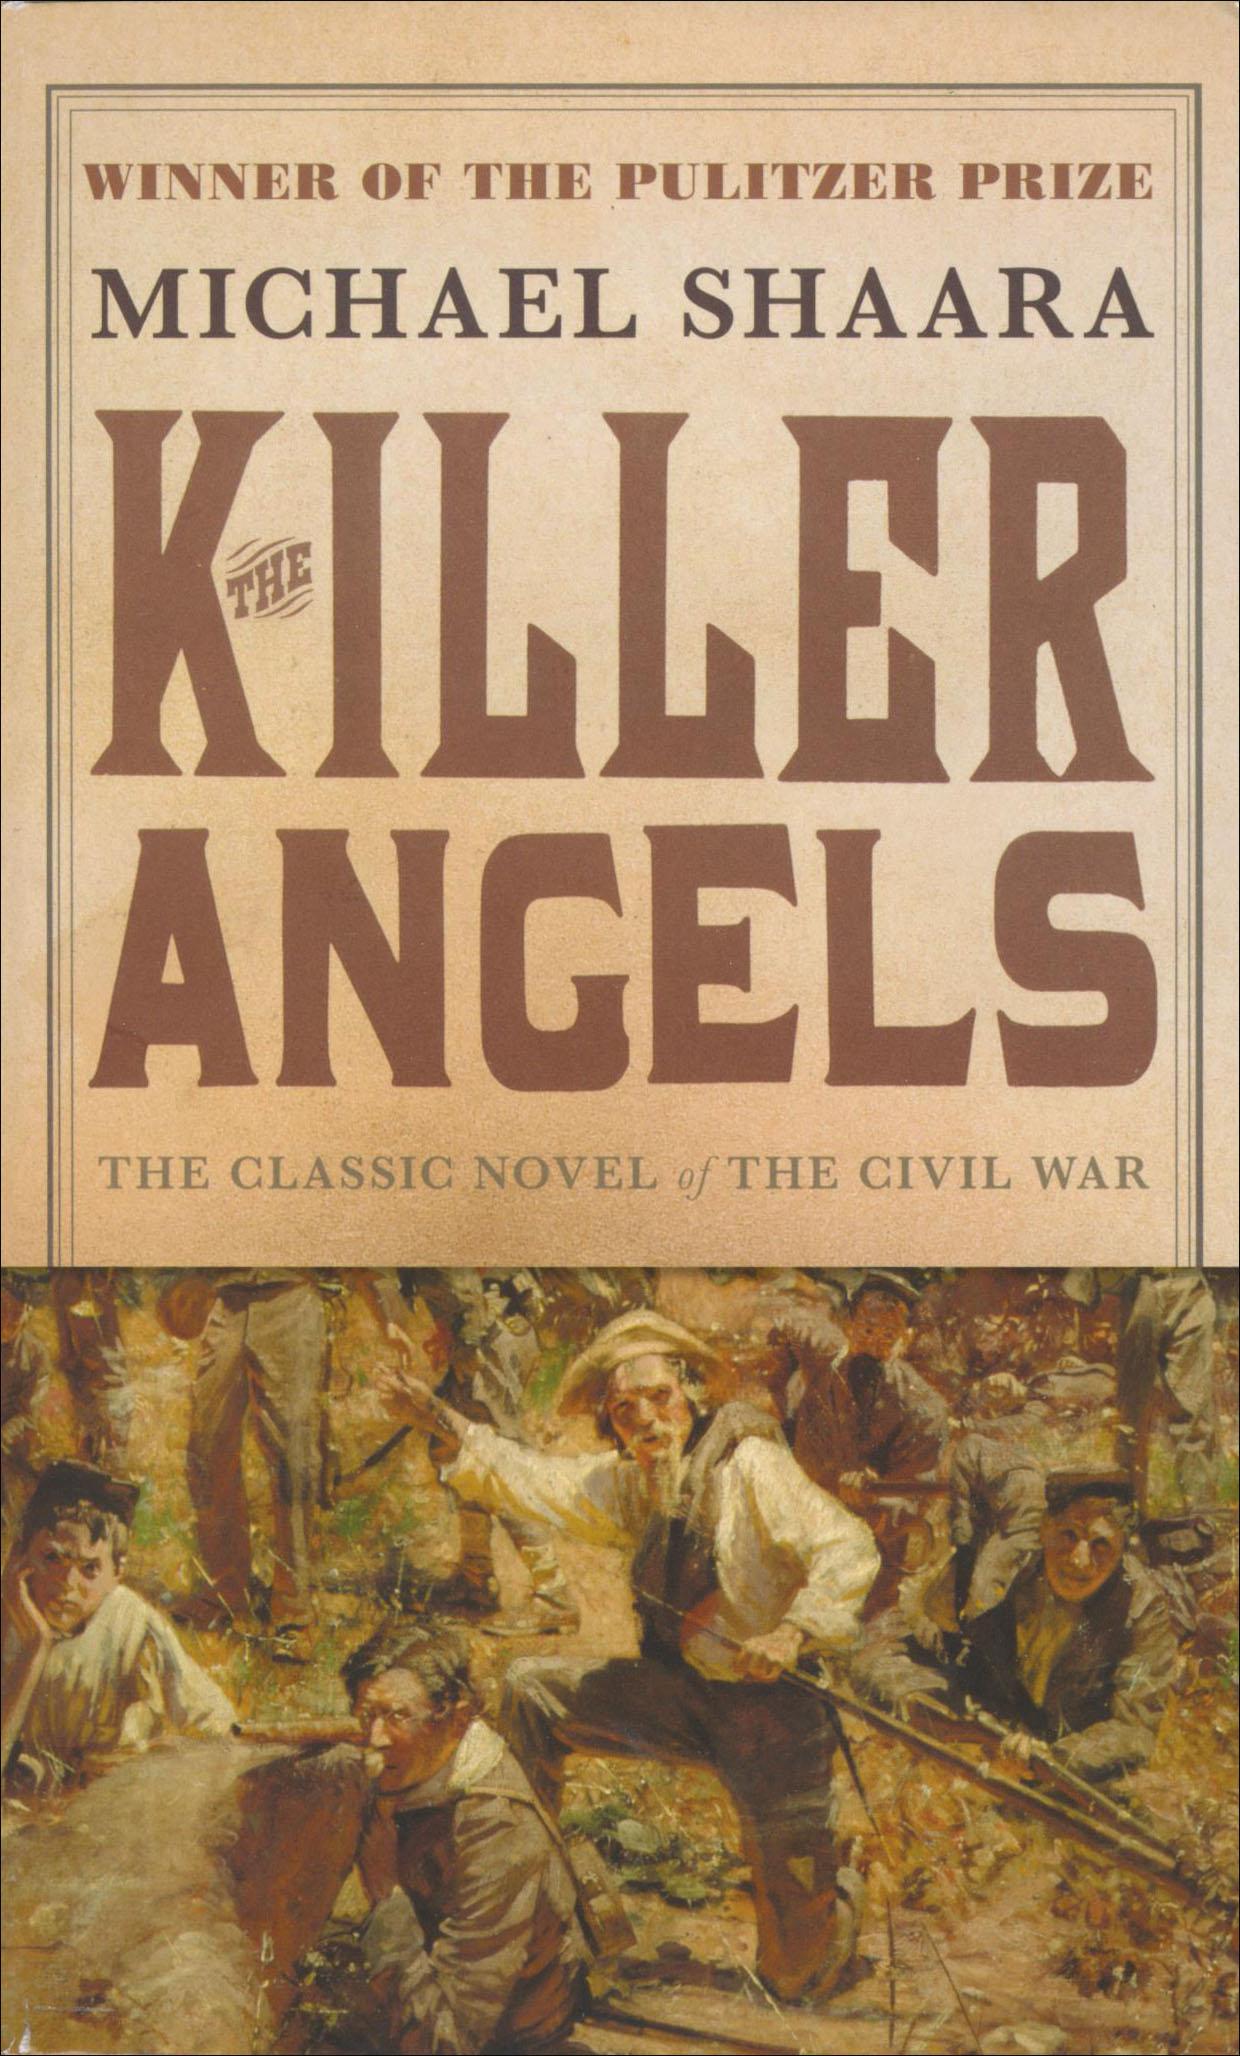 The Killer Angels Paperback Book (610L)